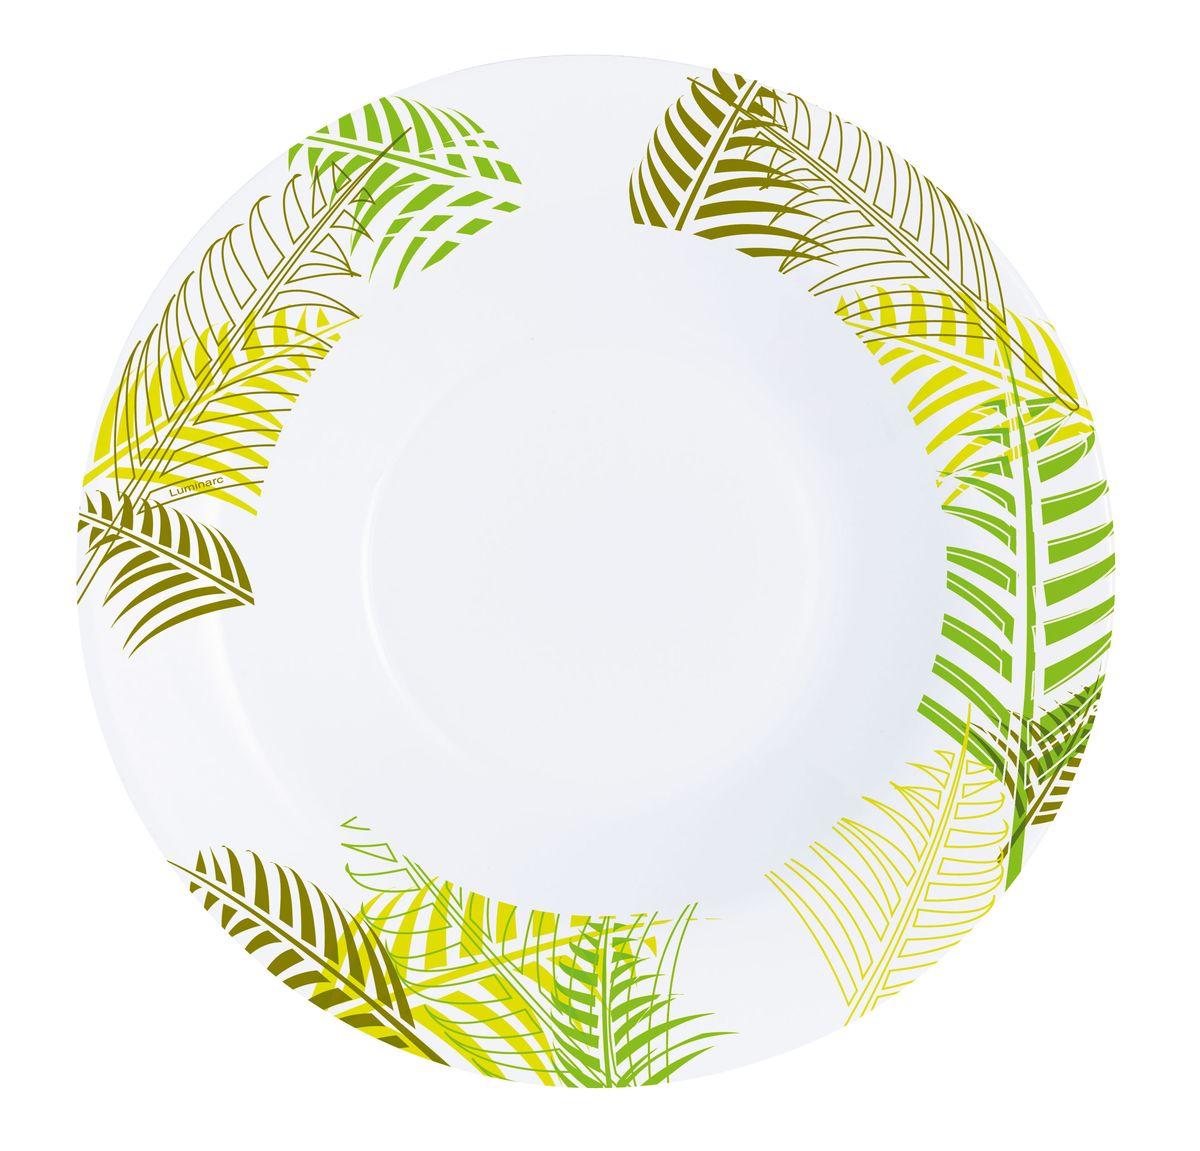 Тарелка глубокая Luminarc Green Forest, диаметр 22 см115510Глубокая тарелка Luminarc Green Forest, диаметром 22 см, выполнена из ударопрочной стеклокерамики. Служит для подачи первых блюд и вмещает 450 мл жидкости (до самого края). Комфортно в тарелку помещаются 3 половника супа, при этом она не будет заполнена до самого края. Благодаря прекрасному эстетическому виду и высочайшему качеству, тарелка удовлетворит самые высокие предпочтения современных домохозяек и гурманов. Пригодна для использования в посудомоечной машине и СВЧ.